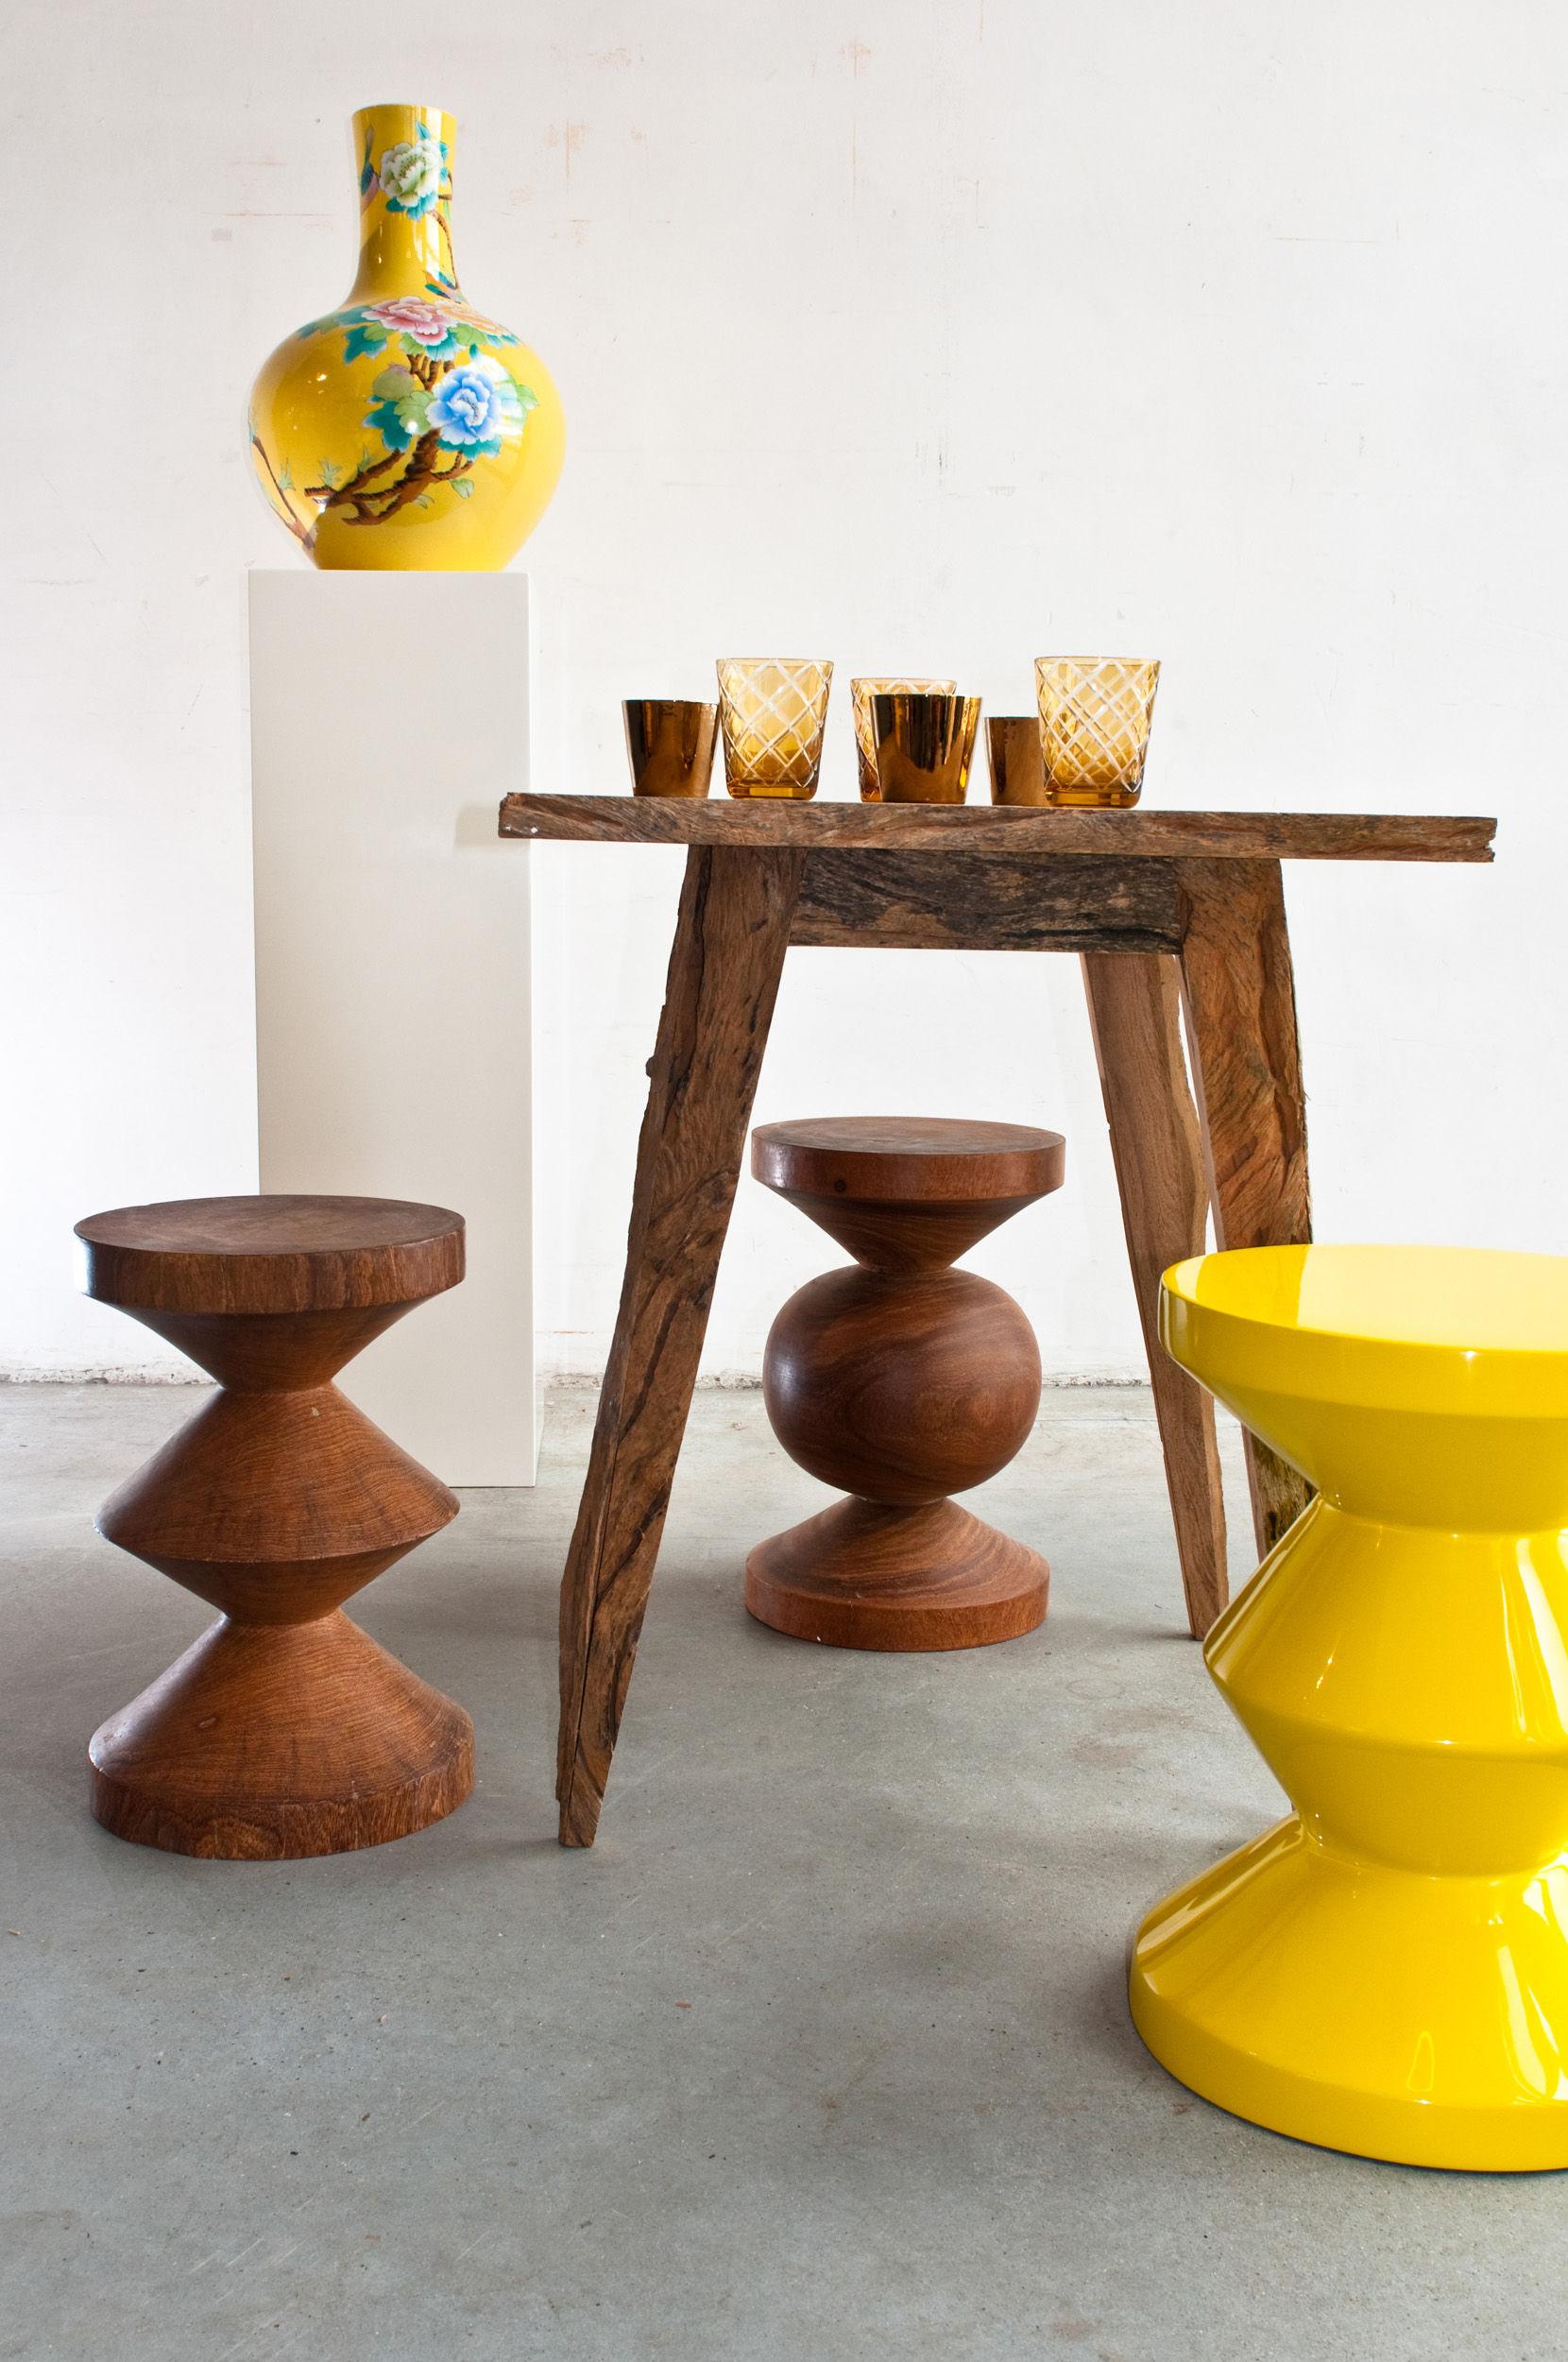 zig zag holz pols potten hocker. Black Bedroom Furniture Sets. Home Design Ideas